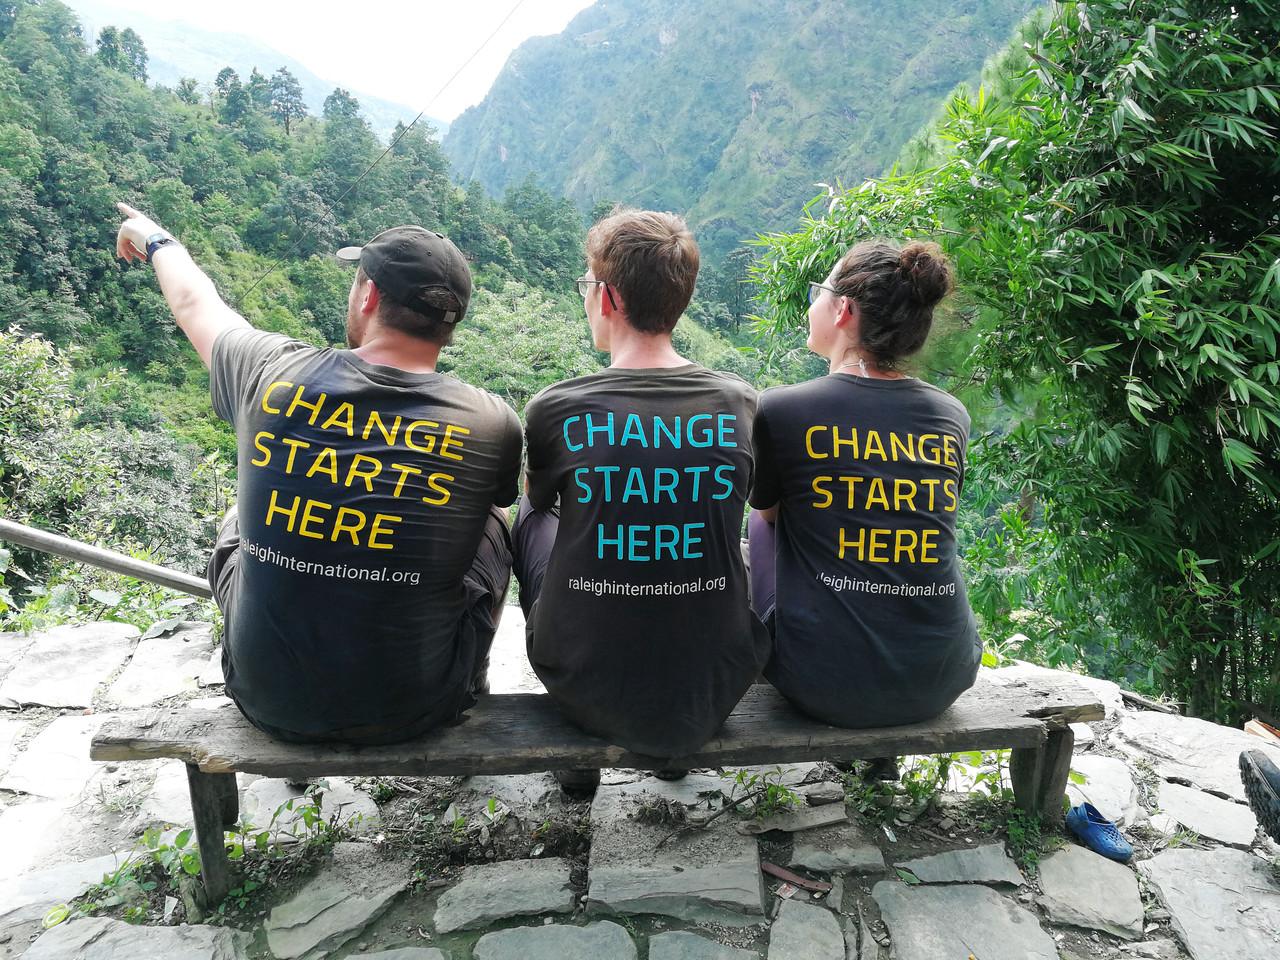 Gap Year Program - Volunteer abroad in 2020: 5 week Raleigh Expeditions in Nepal and Costa Rica (Nov-Dec 2020)  5